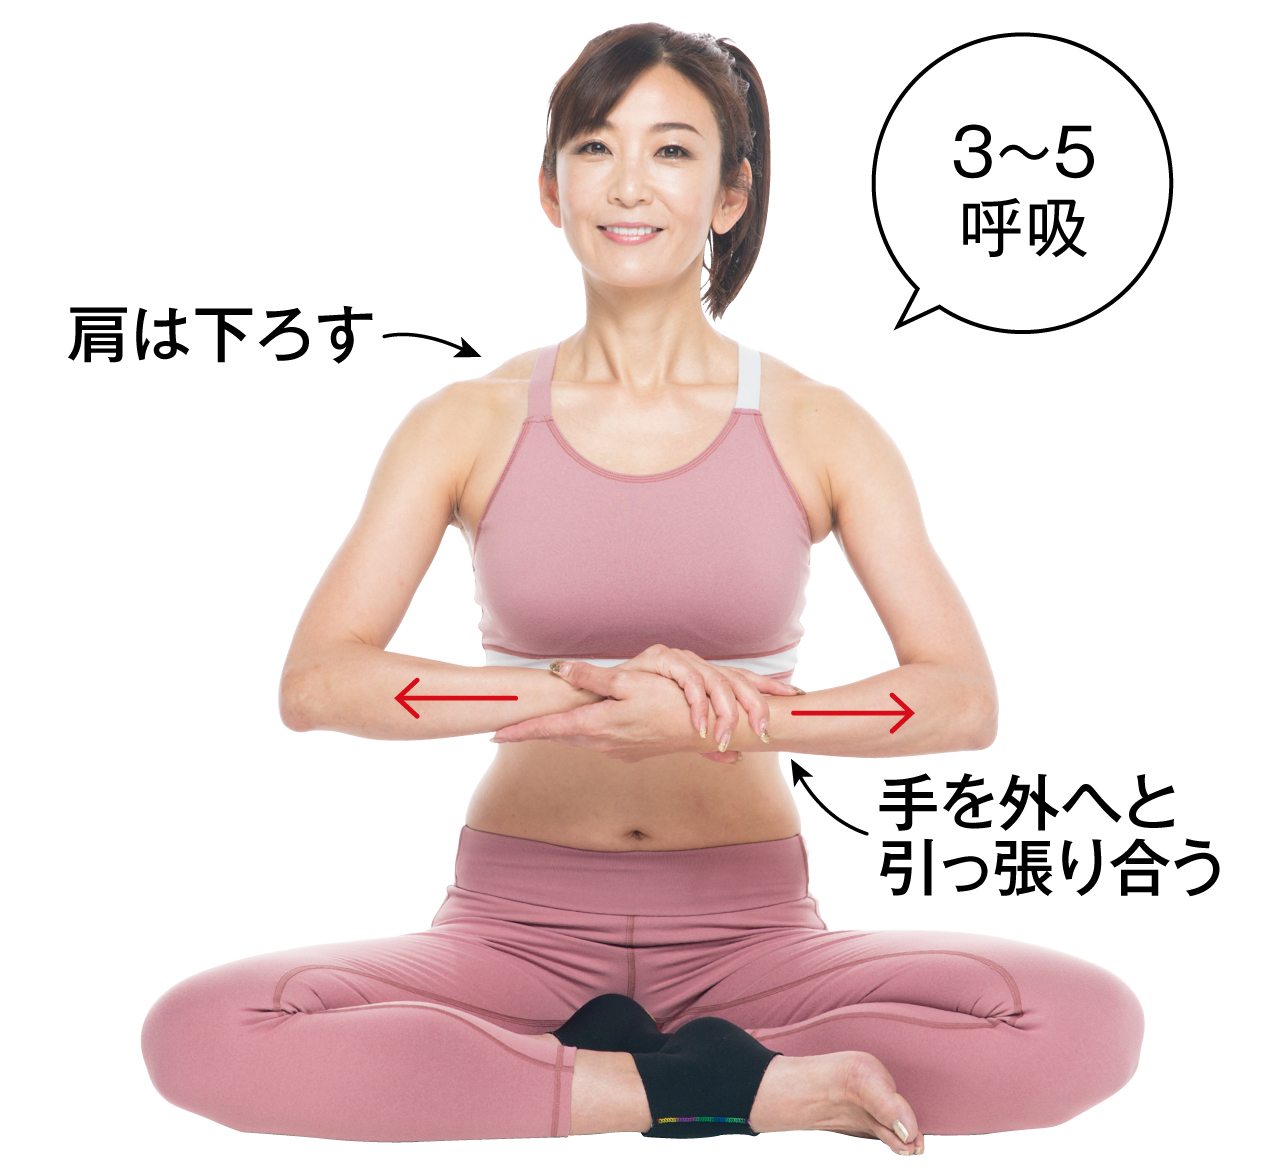 肩は下ろす 手を外へと 引っ張り合う 3〜5呼吸